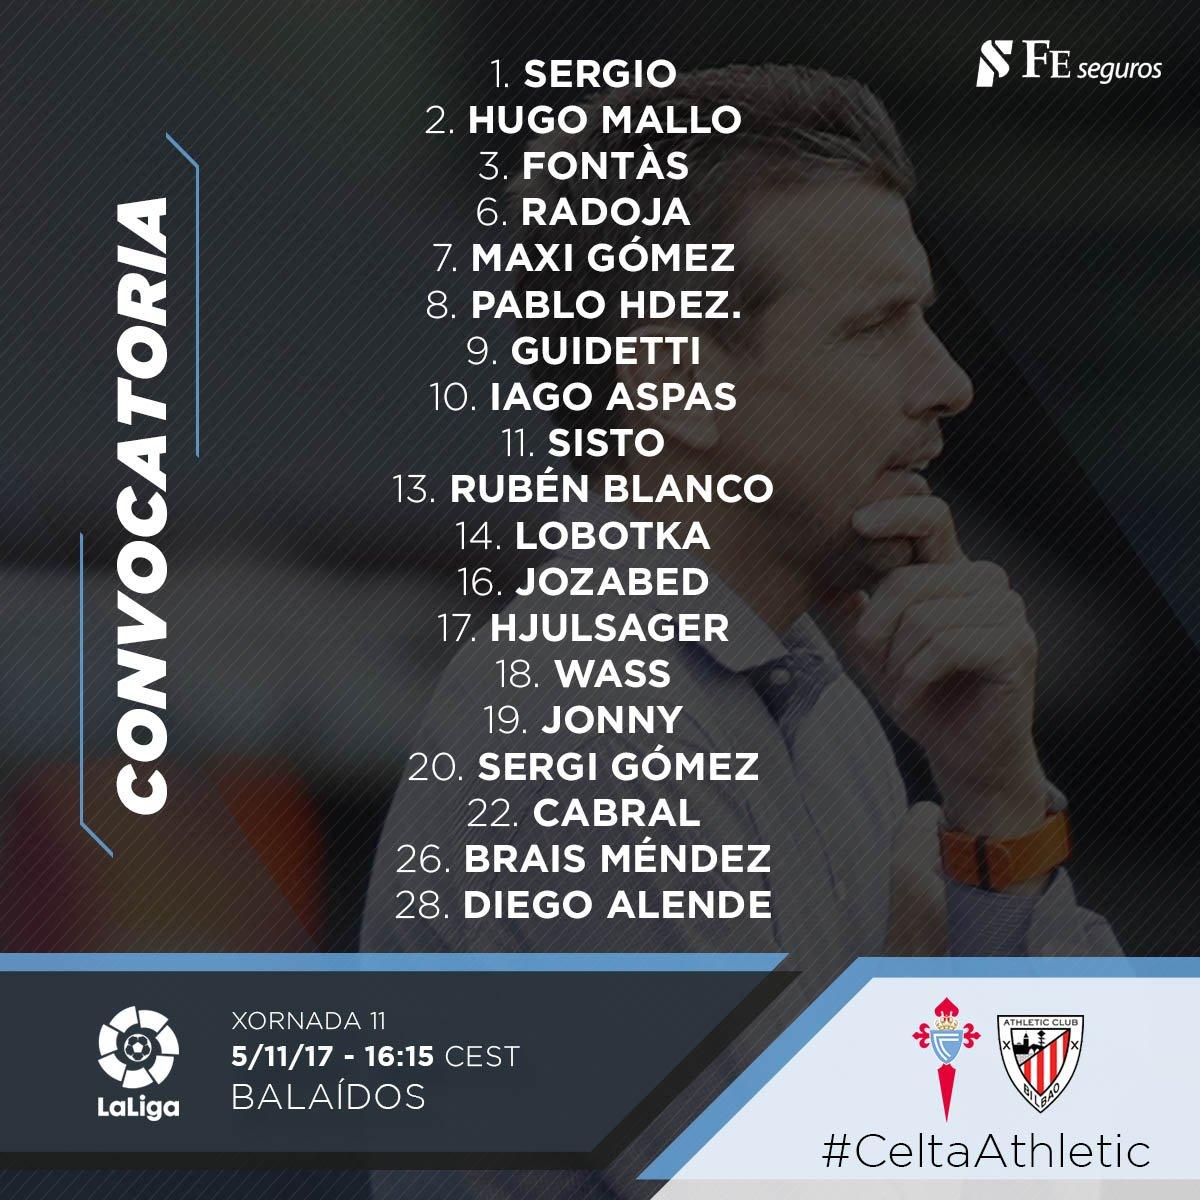 DNyS99EUQAAucSm Roncaglia y Emre Mor no entran en la lista para el partido frente al Athletic por lesión - Comunio-Biwenger